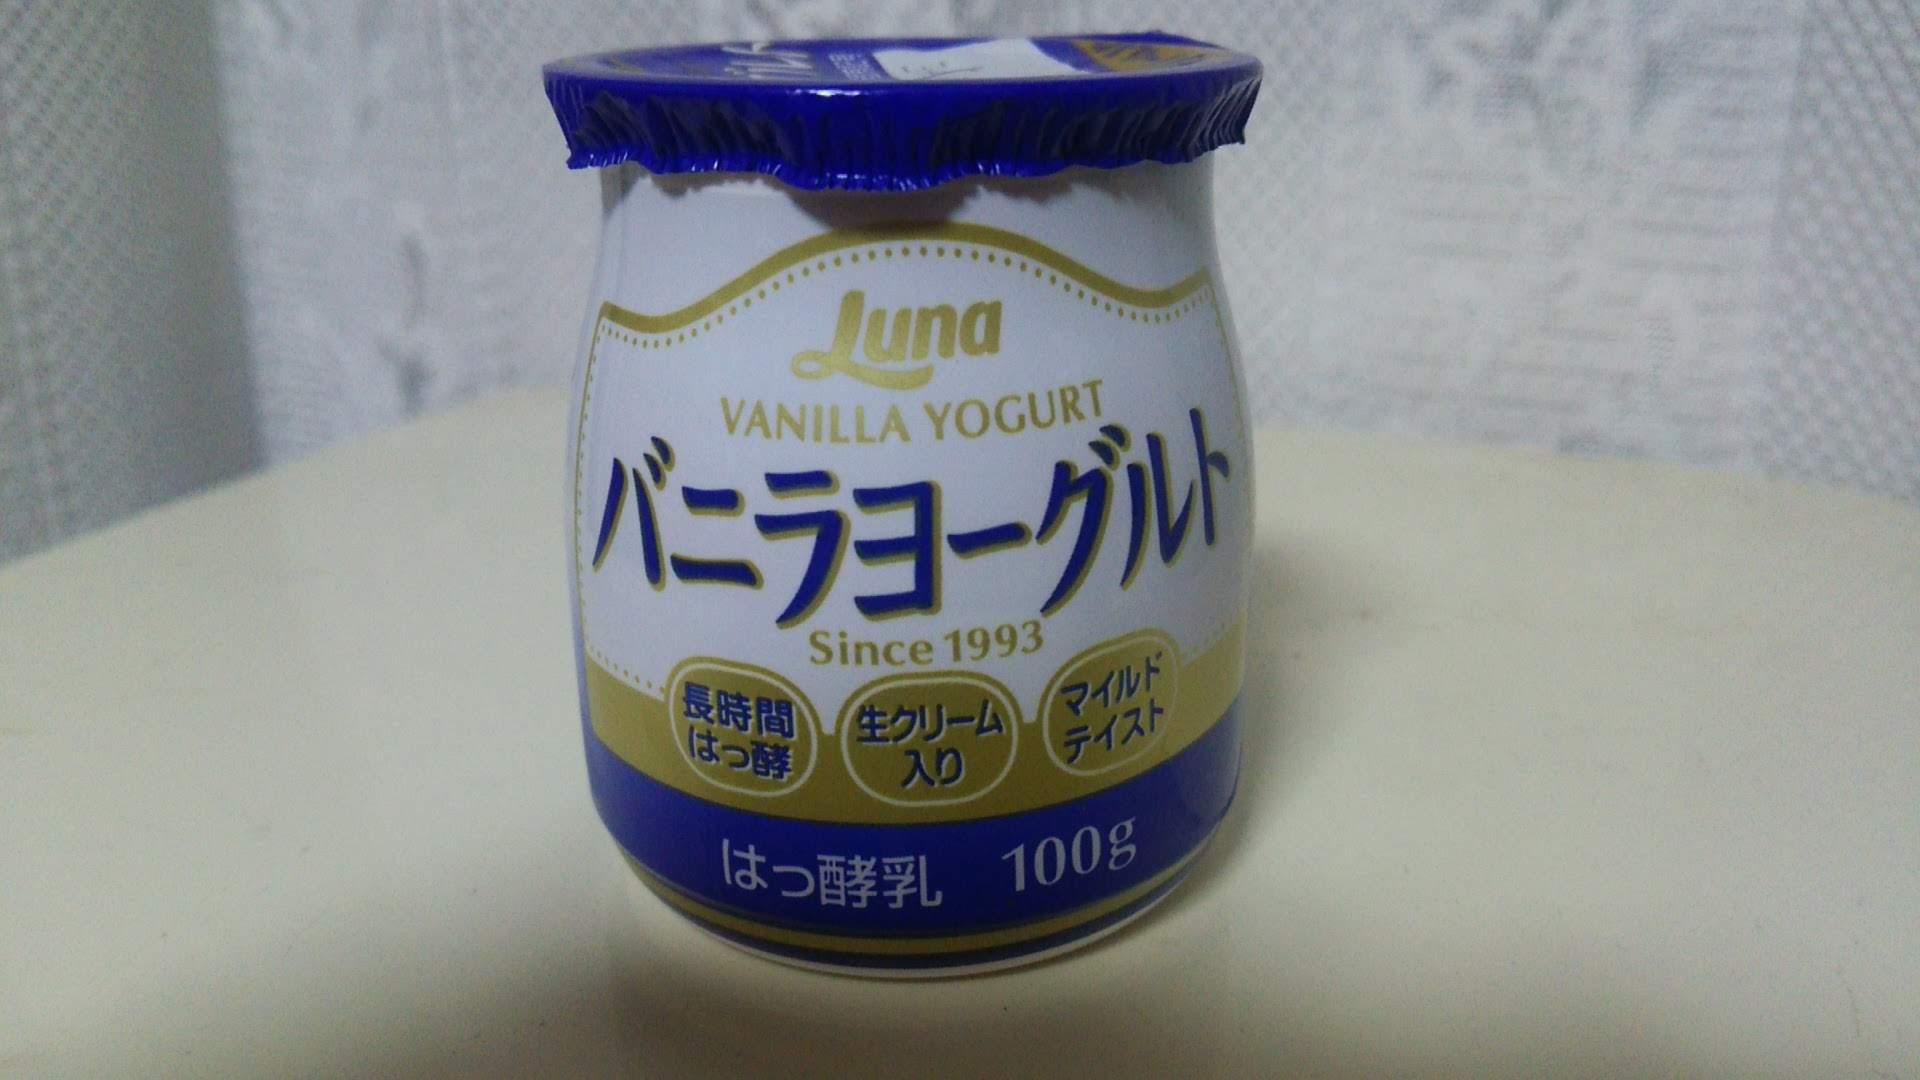 日本ルナ「バニラヨーグルト」